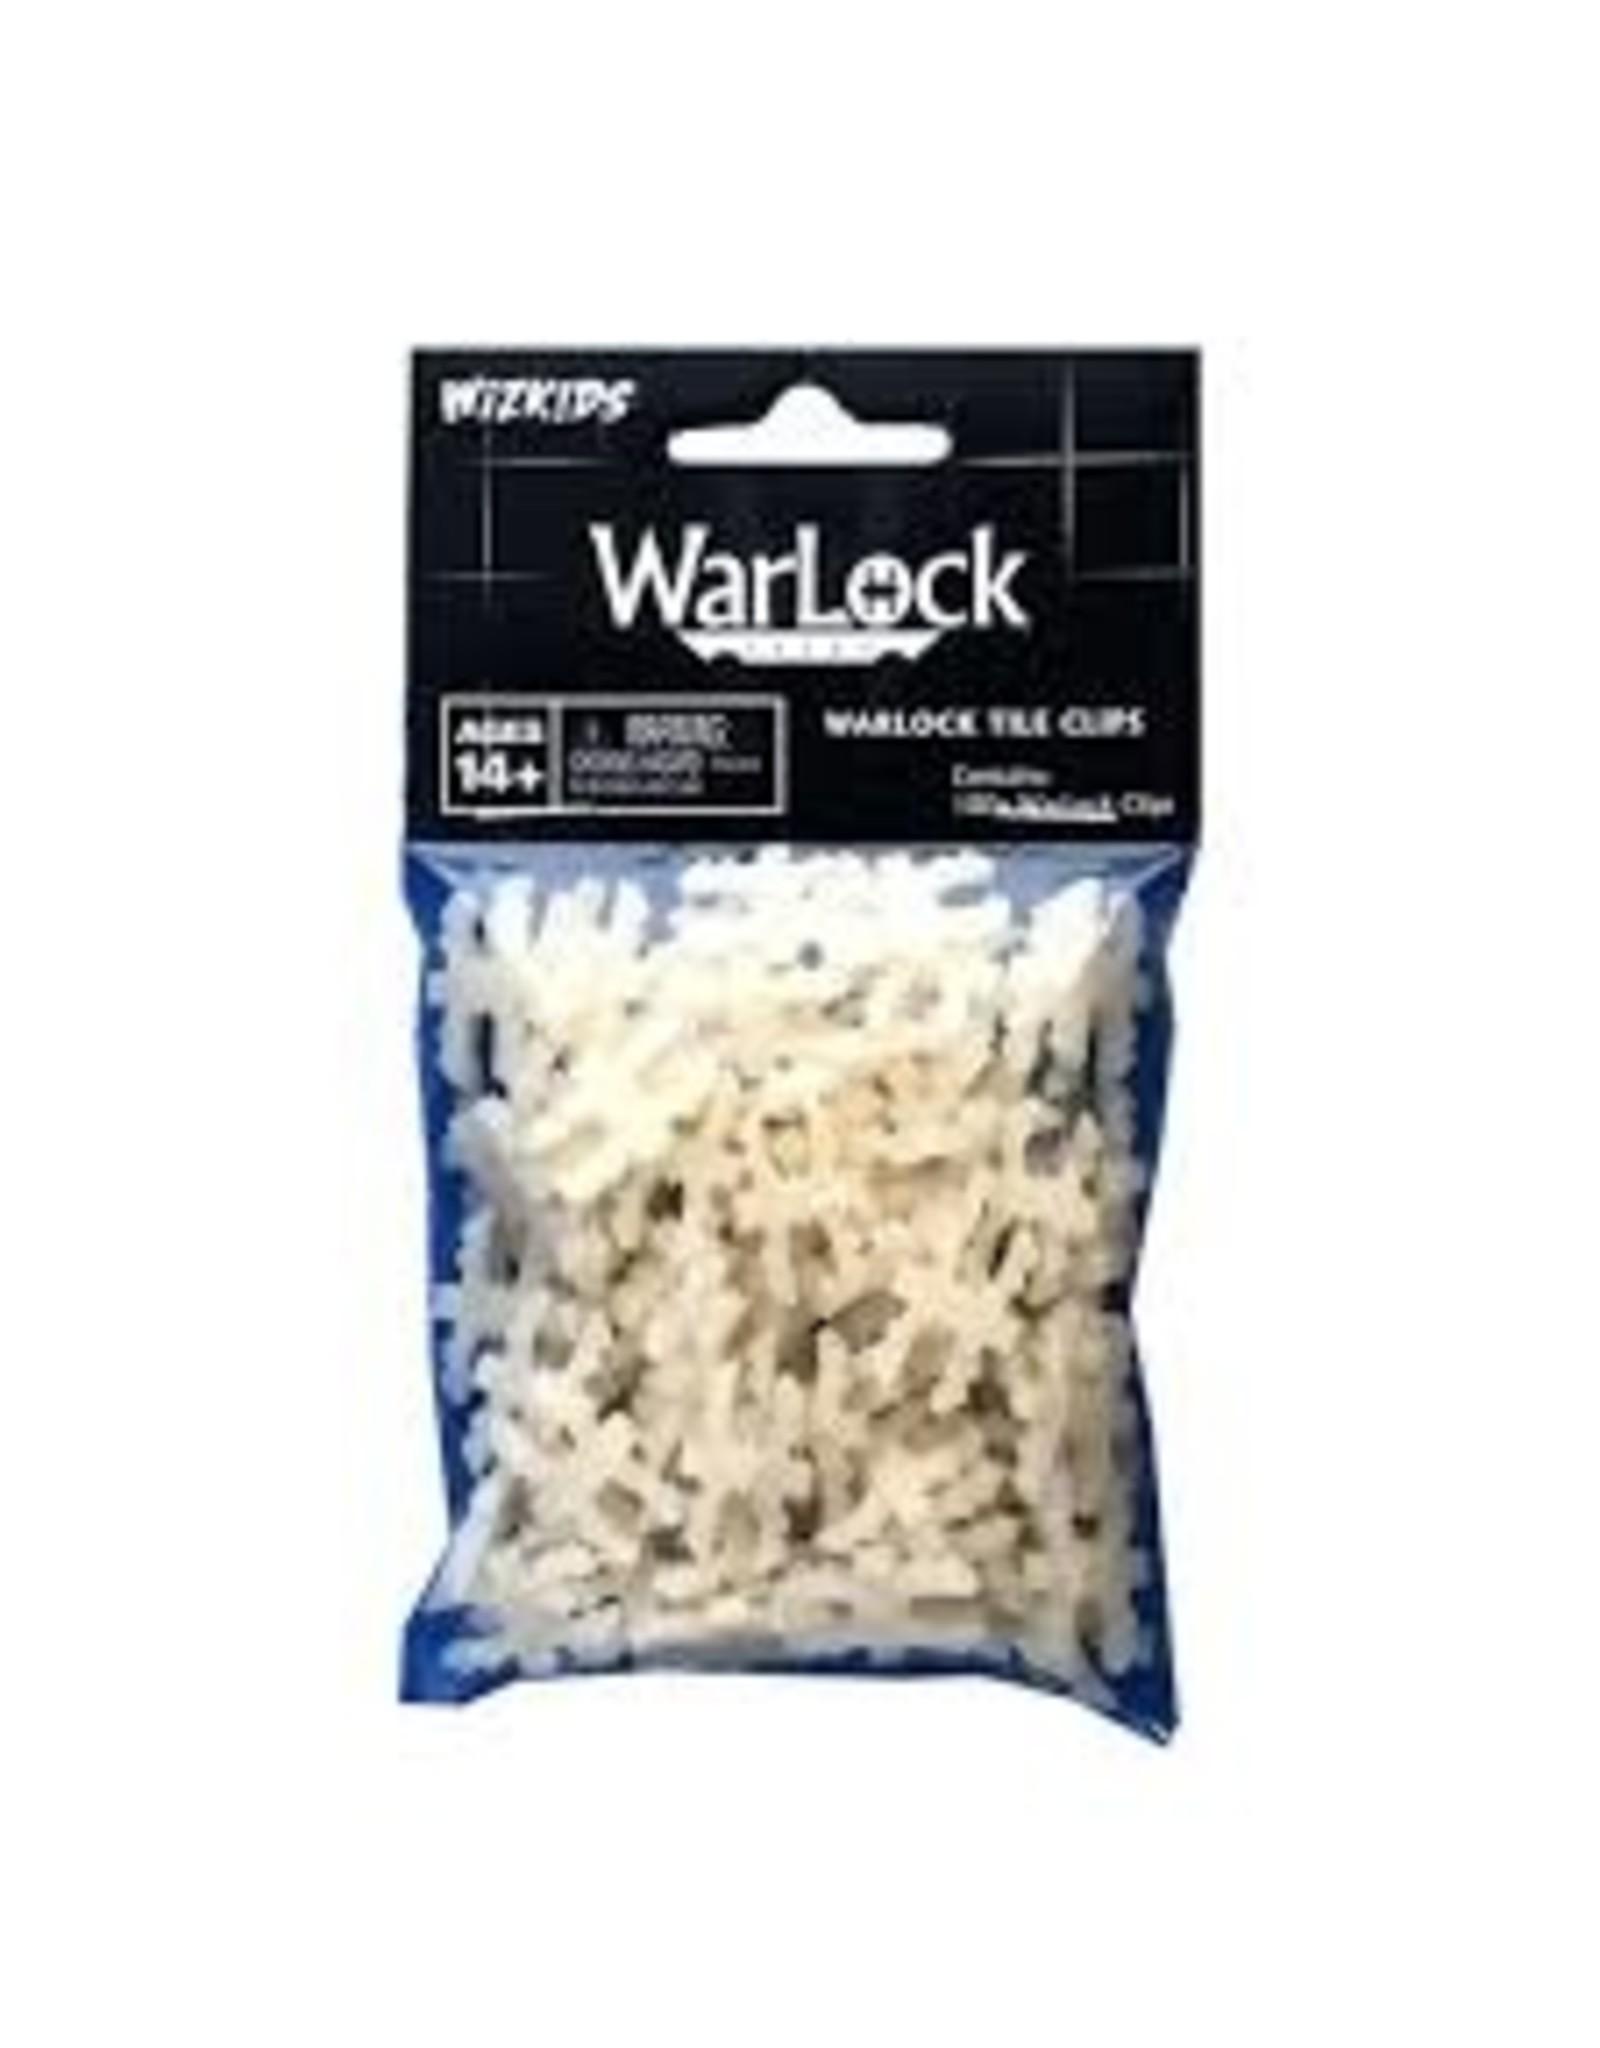 Wiz Kids WarLock Tiles: WarLock EZ Clips (100 ct.)